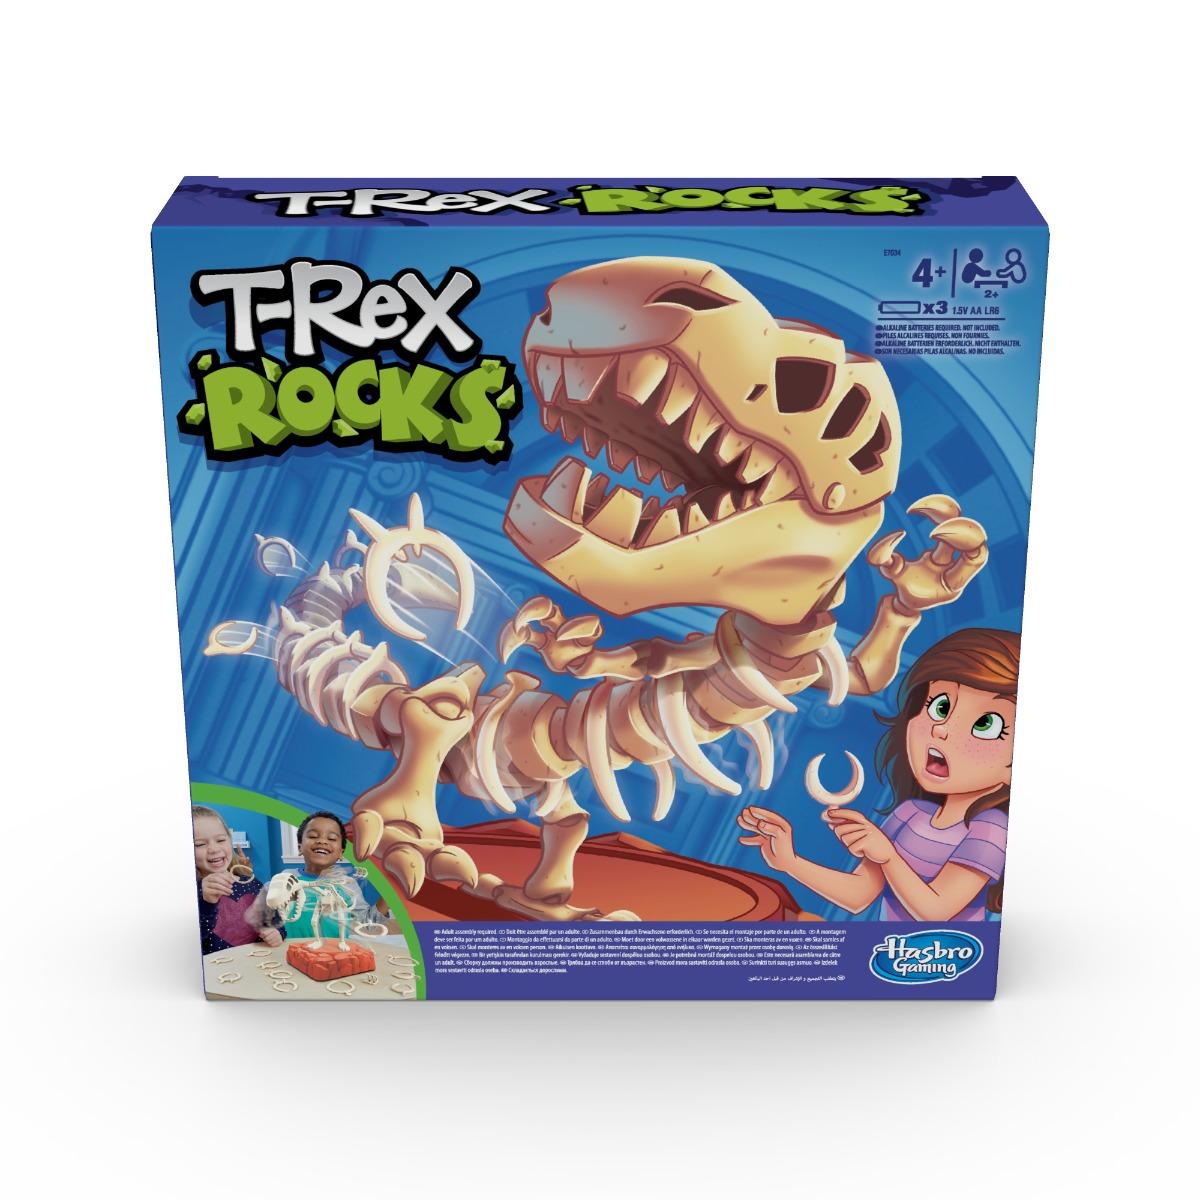 Joc de societate T-Rex Rocks Hasbro Games